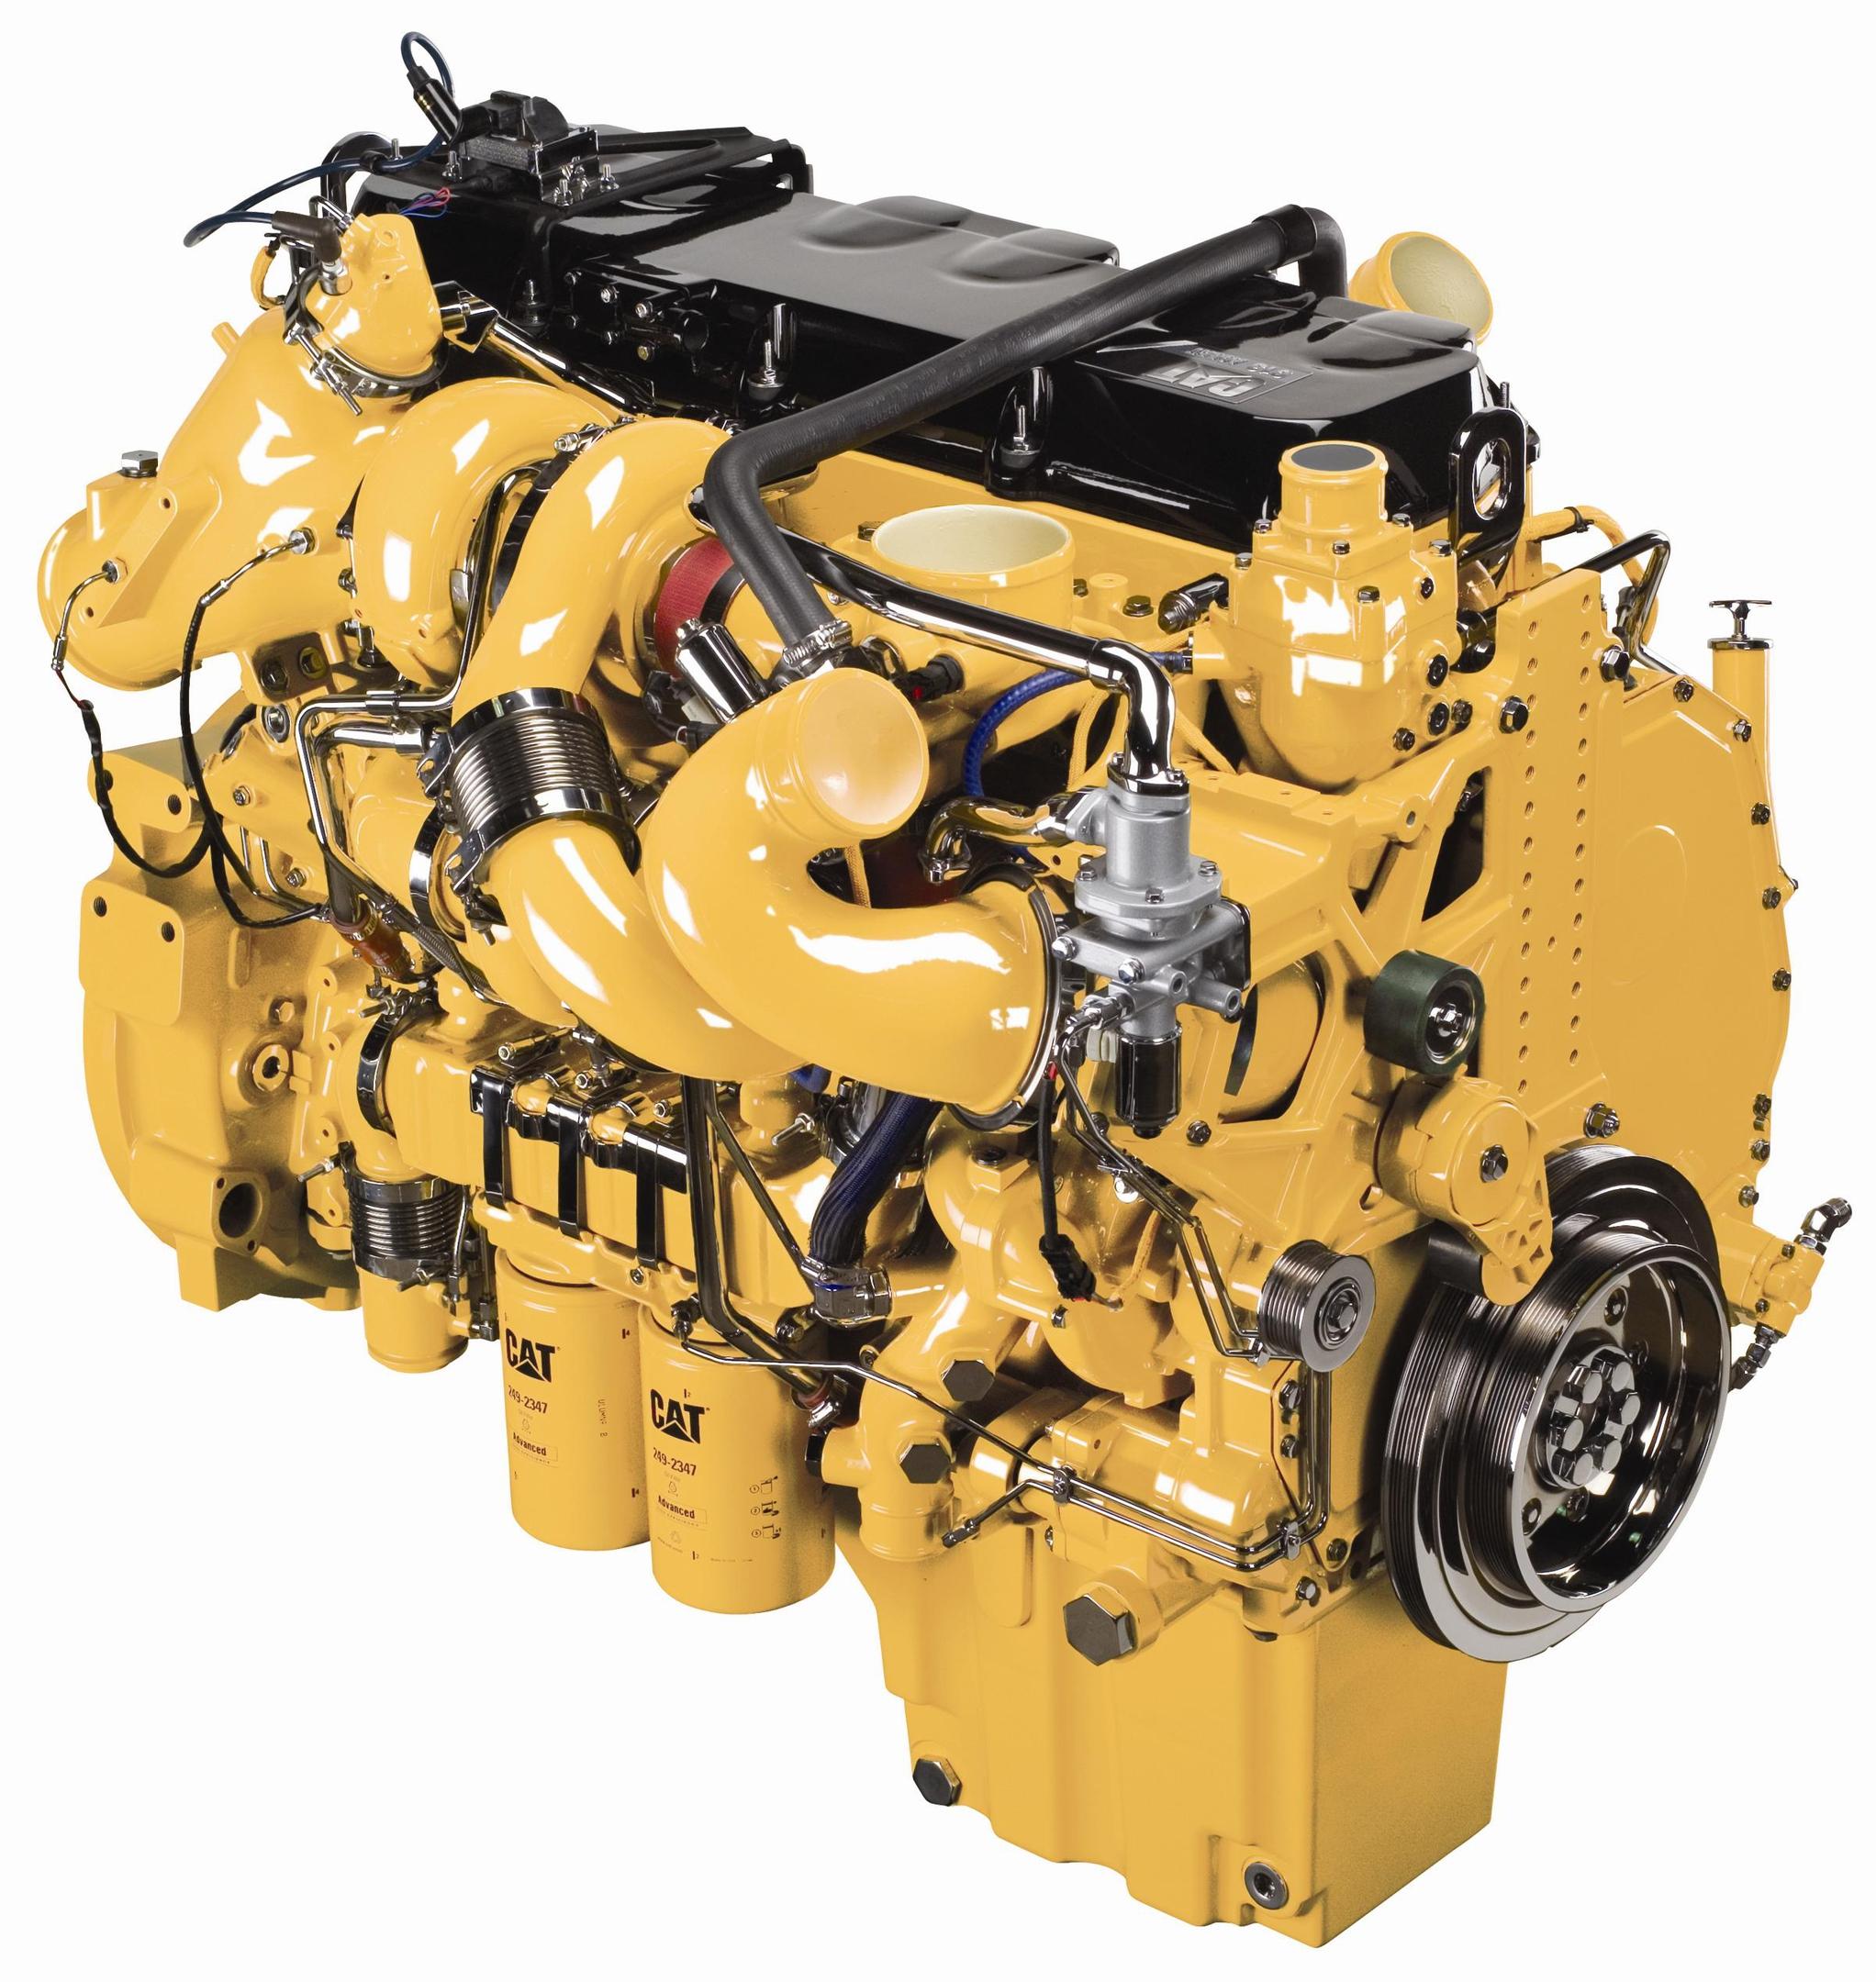 c18 cat engine generator wiring diagram schema wiring diagram preview Newage Stamford Generator Wiring Diagram